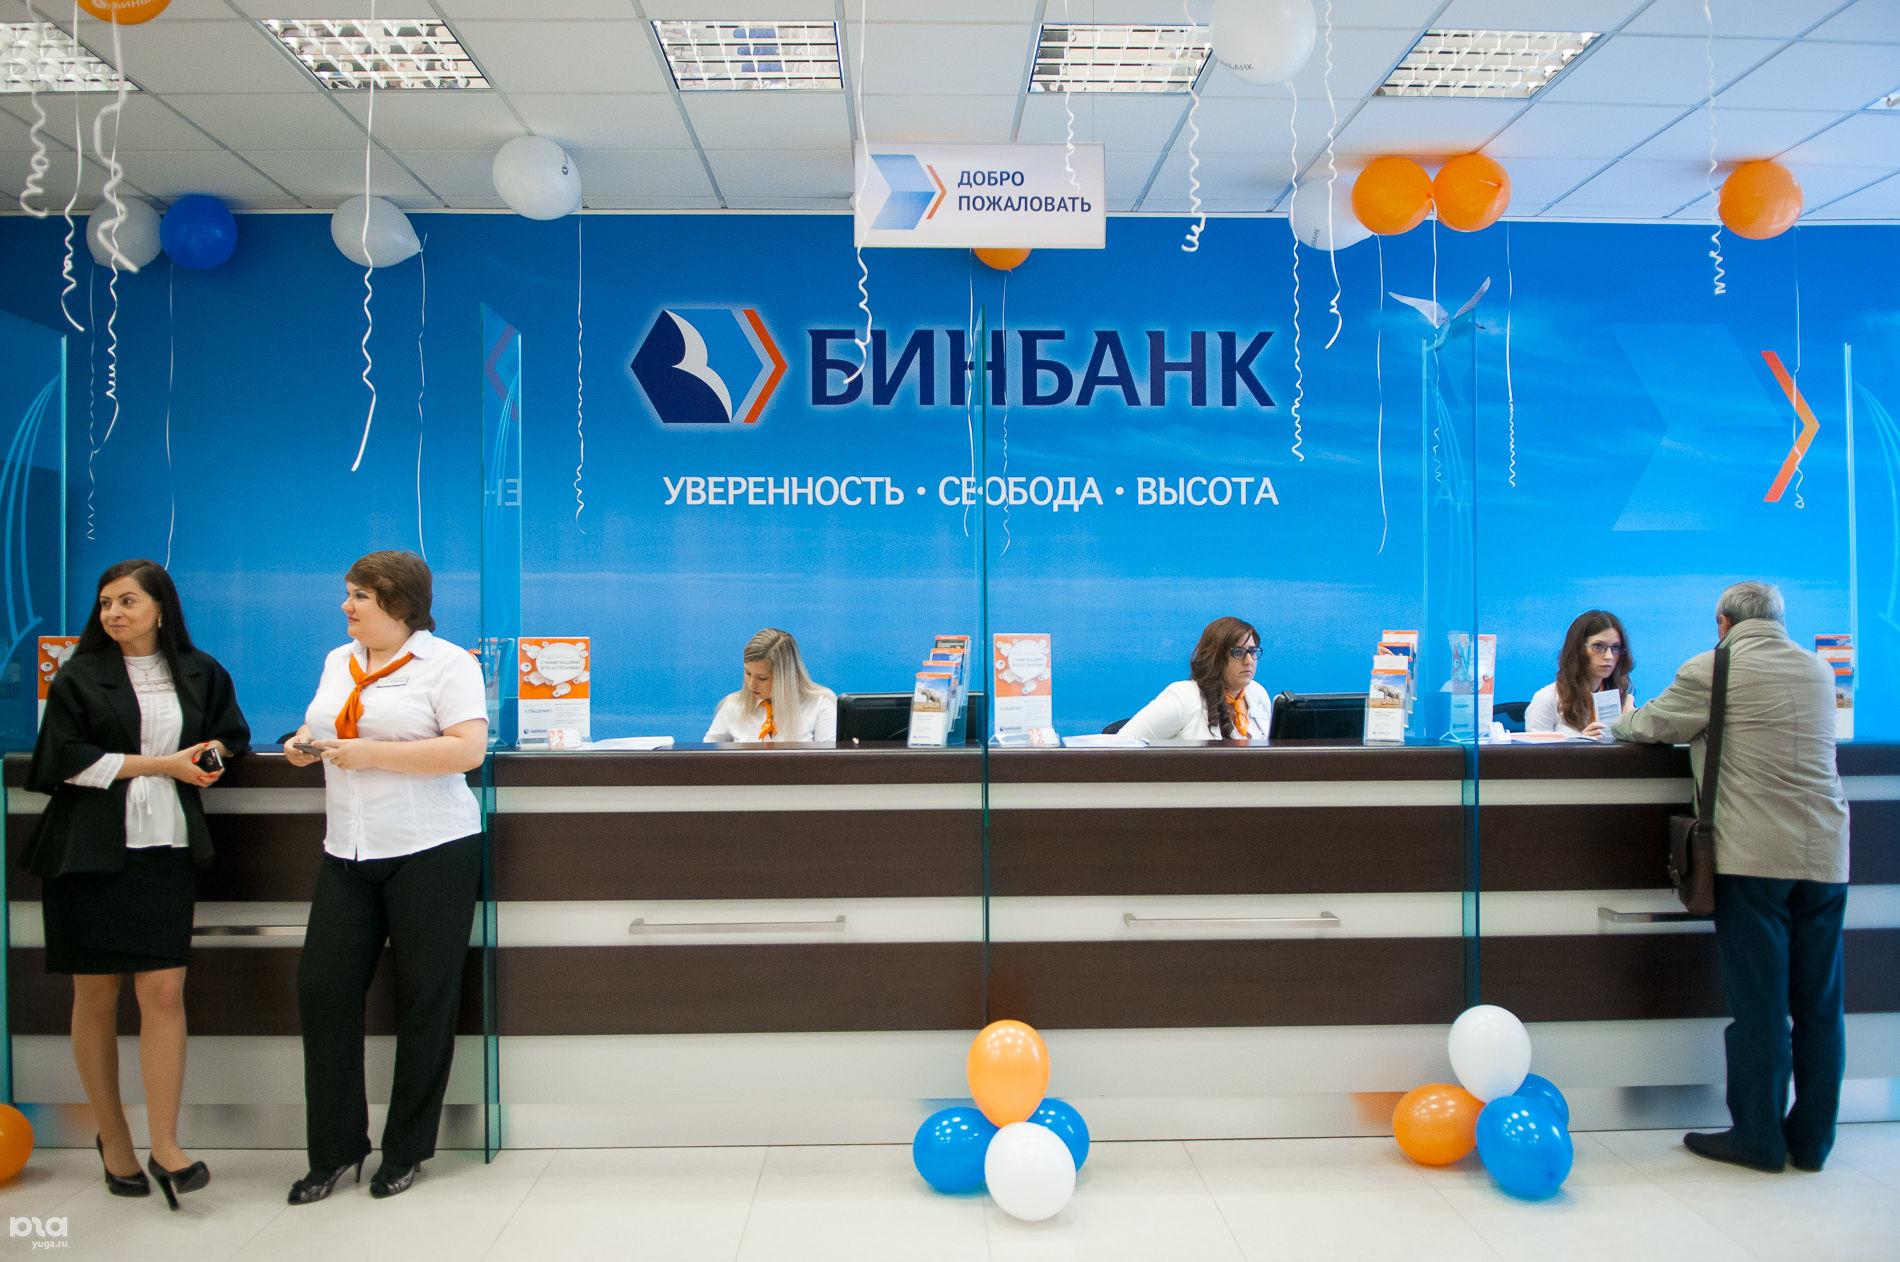 Картинки по запросу бинбанк